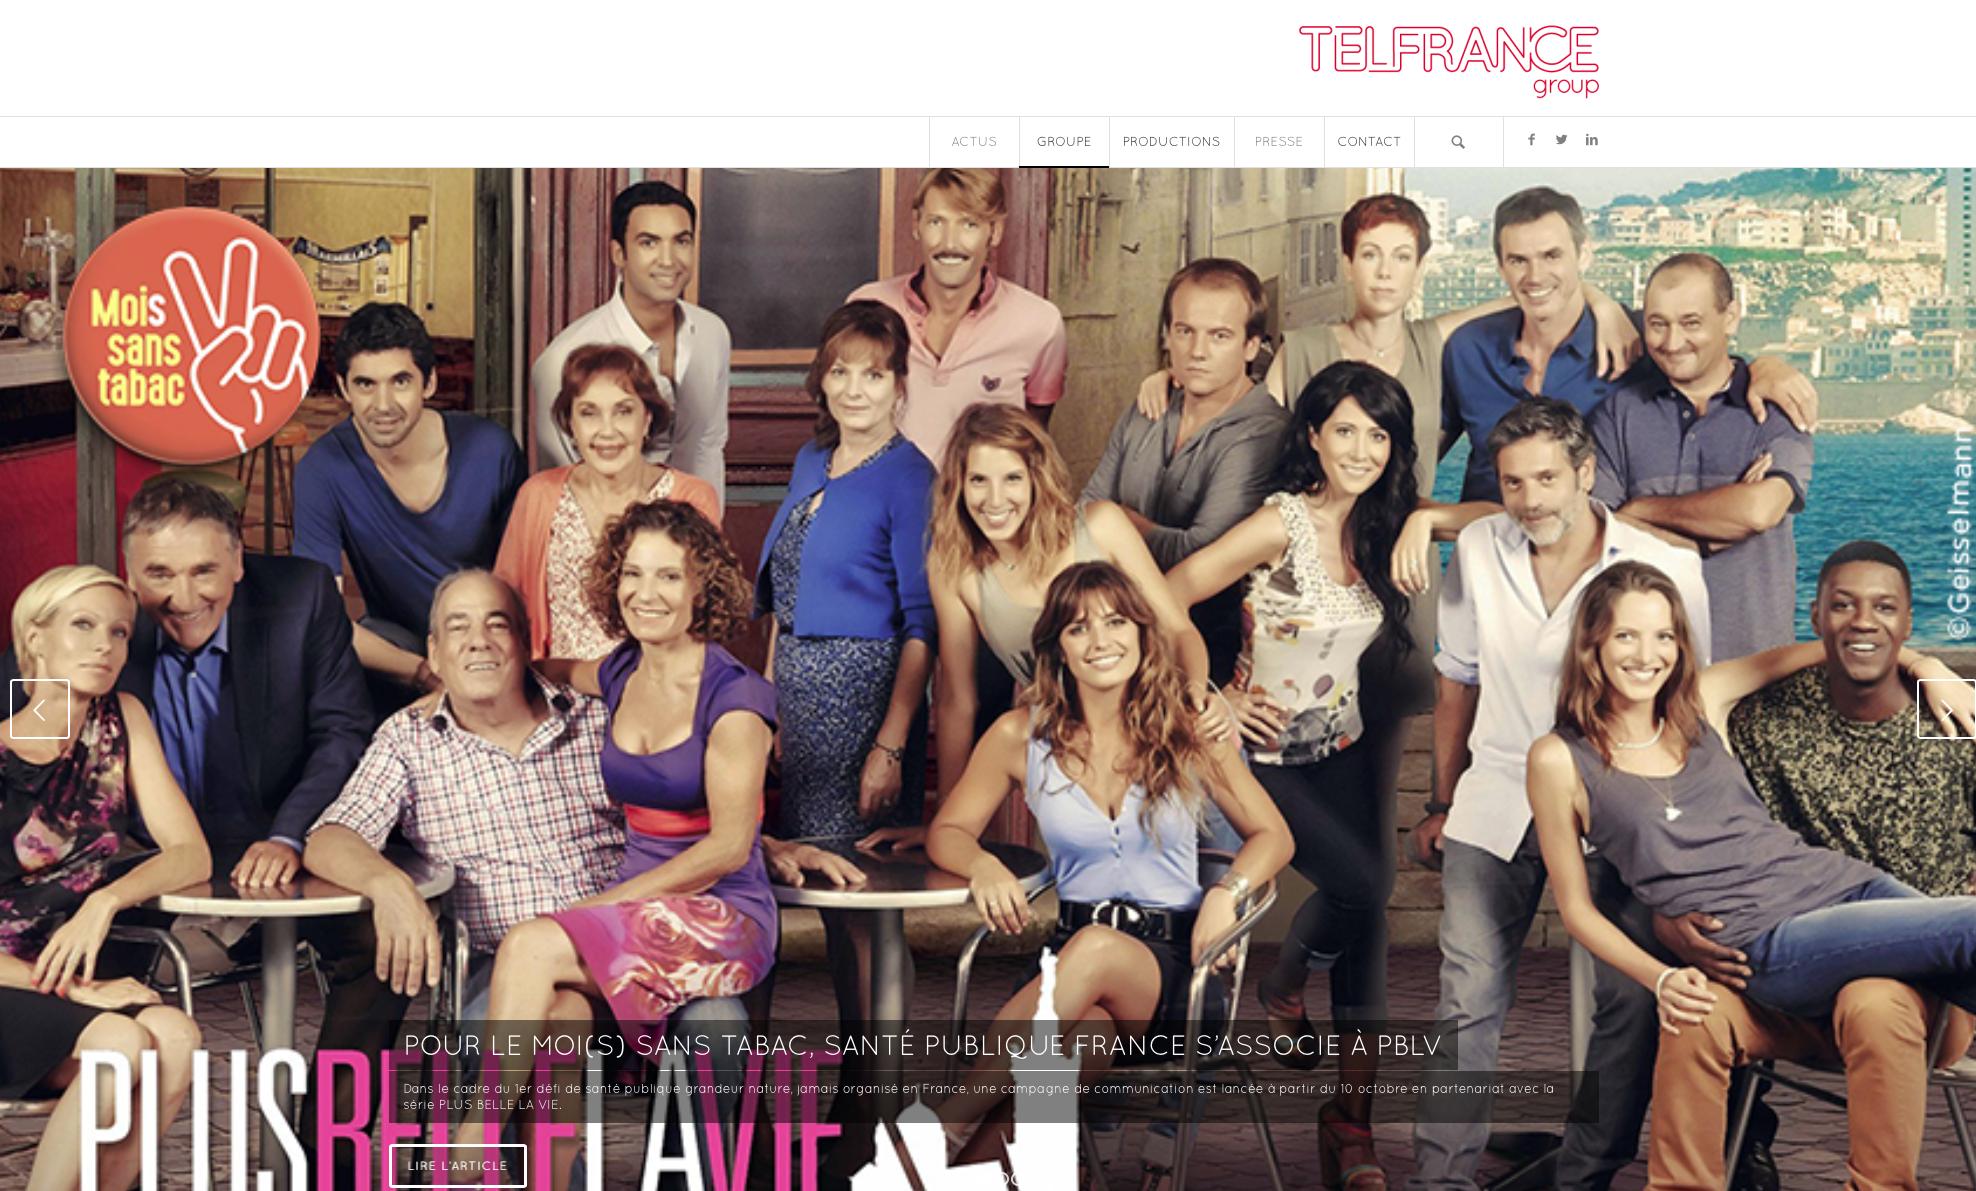 Übersetzung Französisch-Englisch für Telfrance